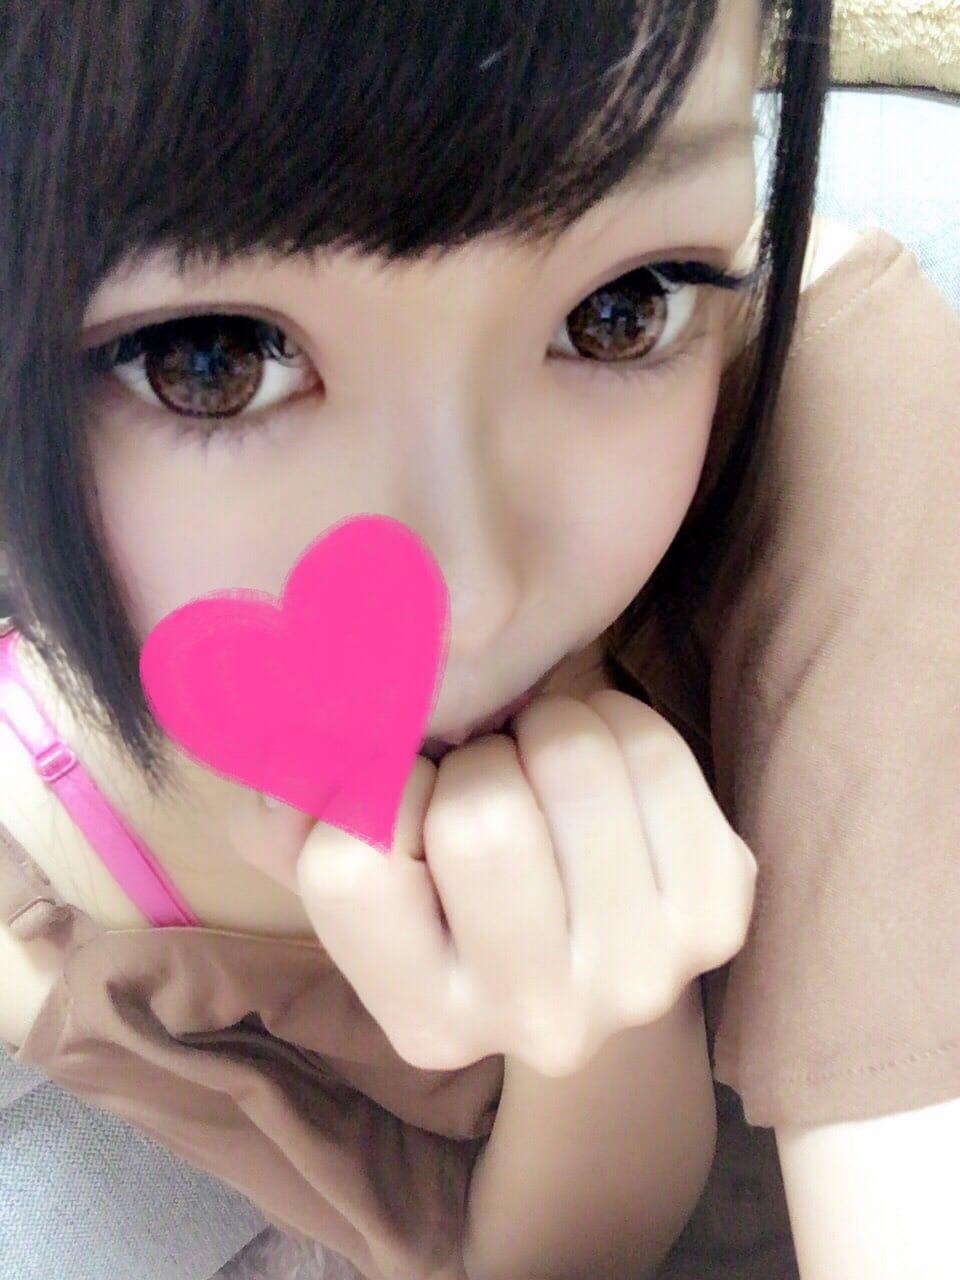 ふわり「ありがとう♡」09/25(月) 04:11 | ふわりの写メ・風俗動画